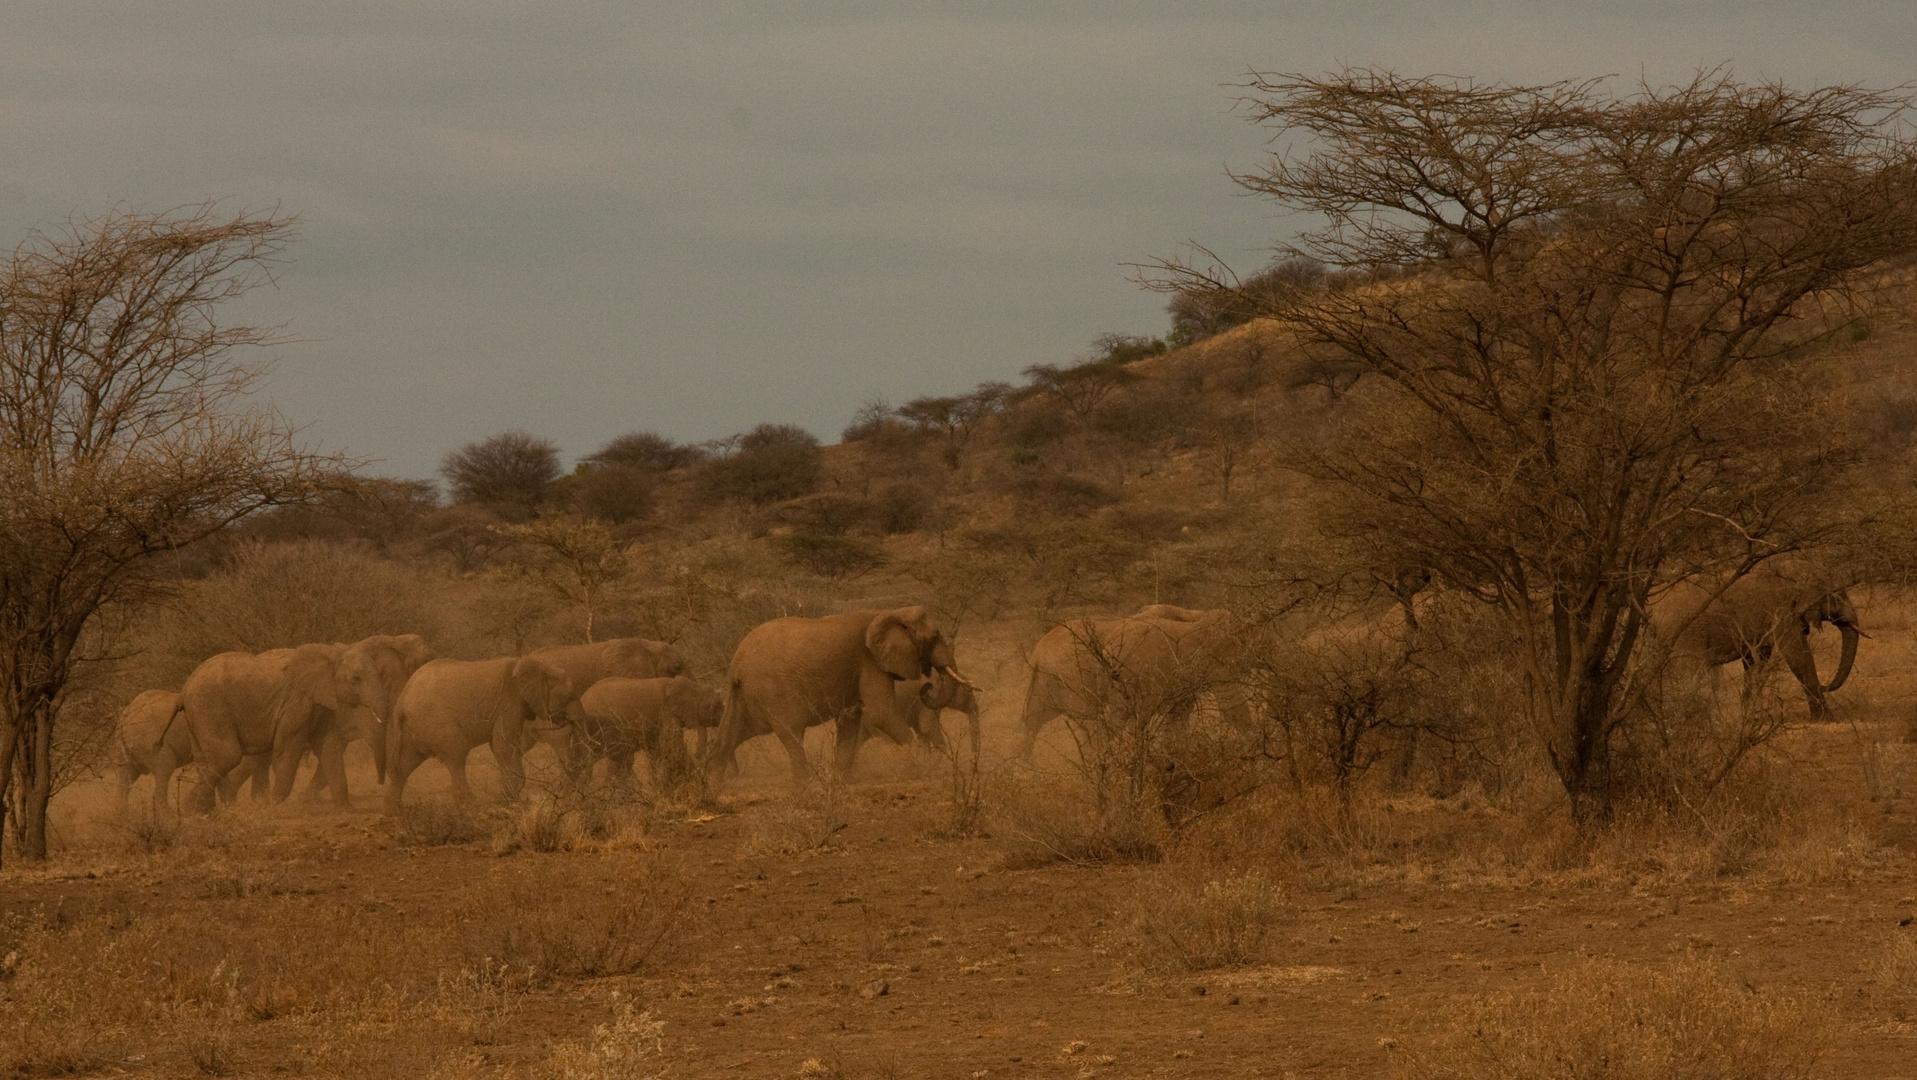 Wo Elefanten Vorfahrt haben...